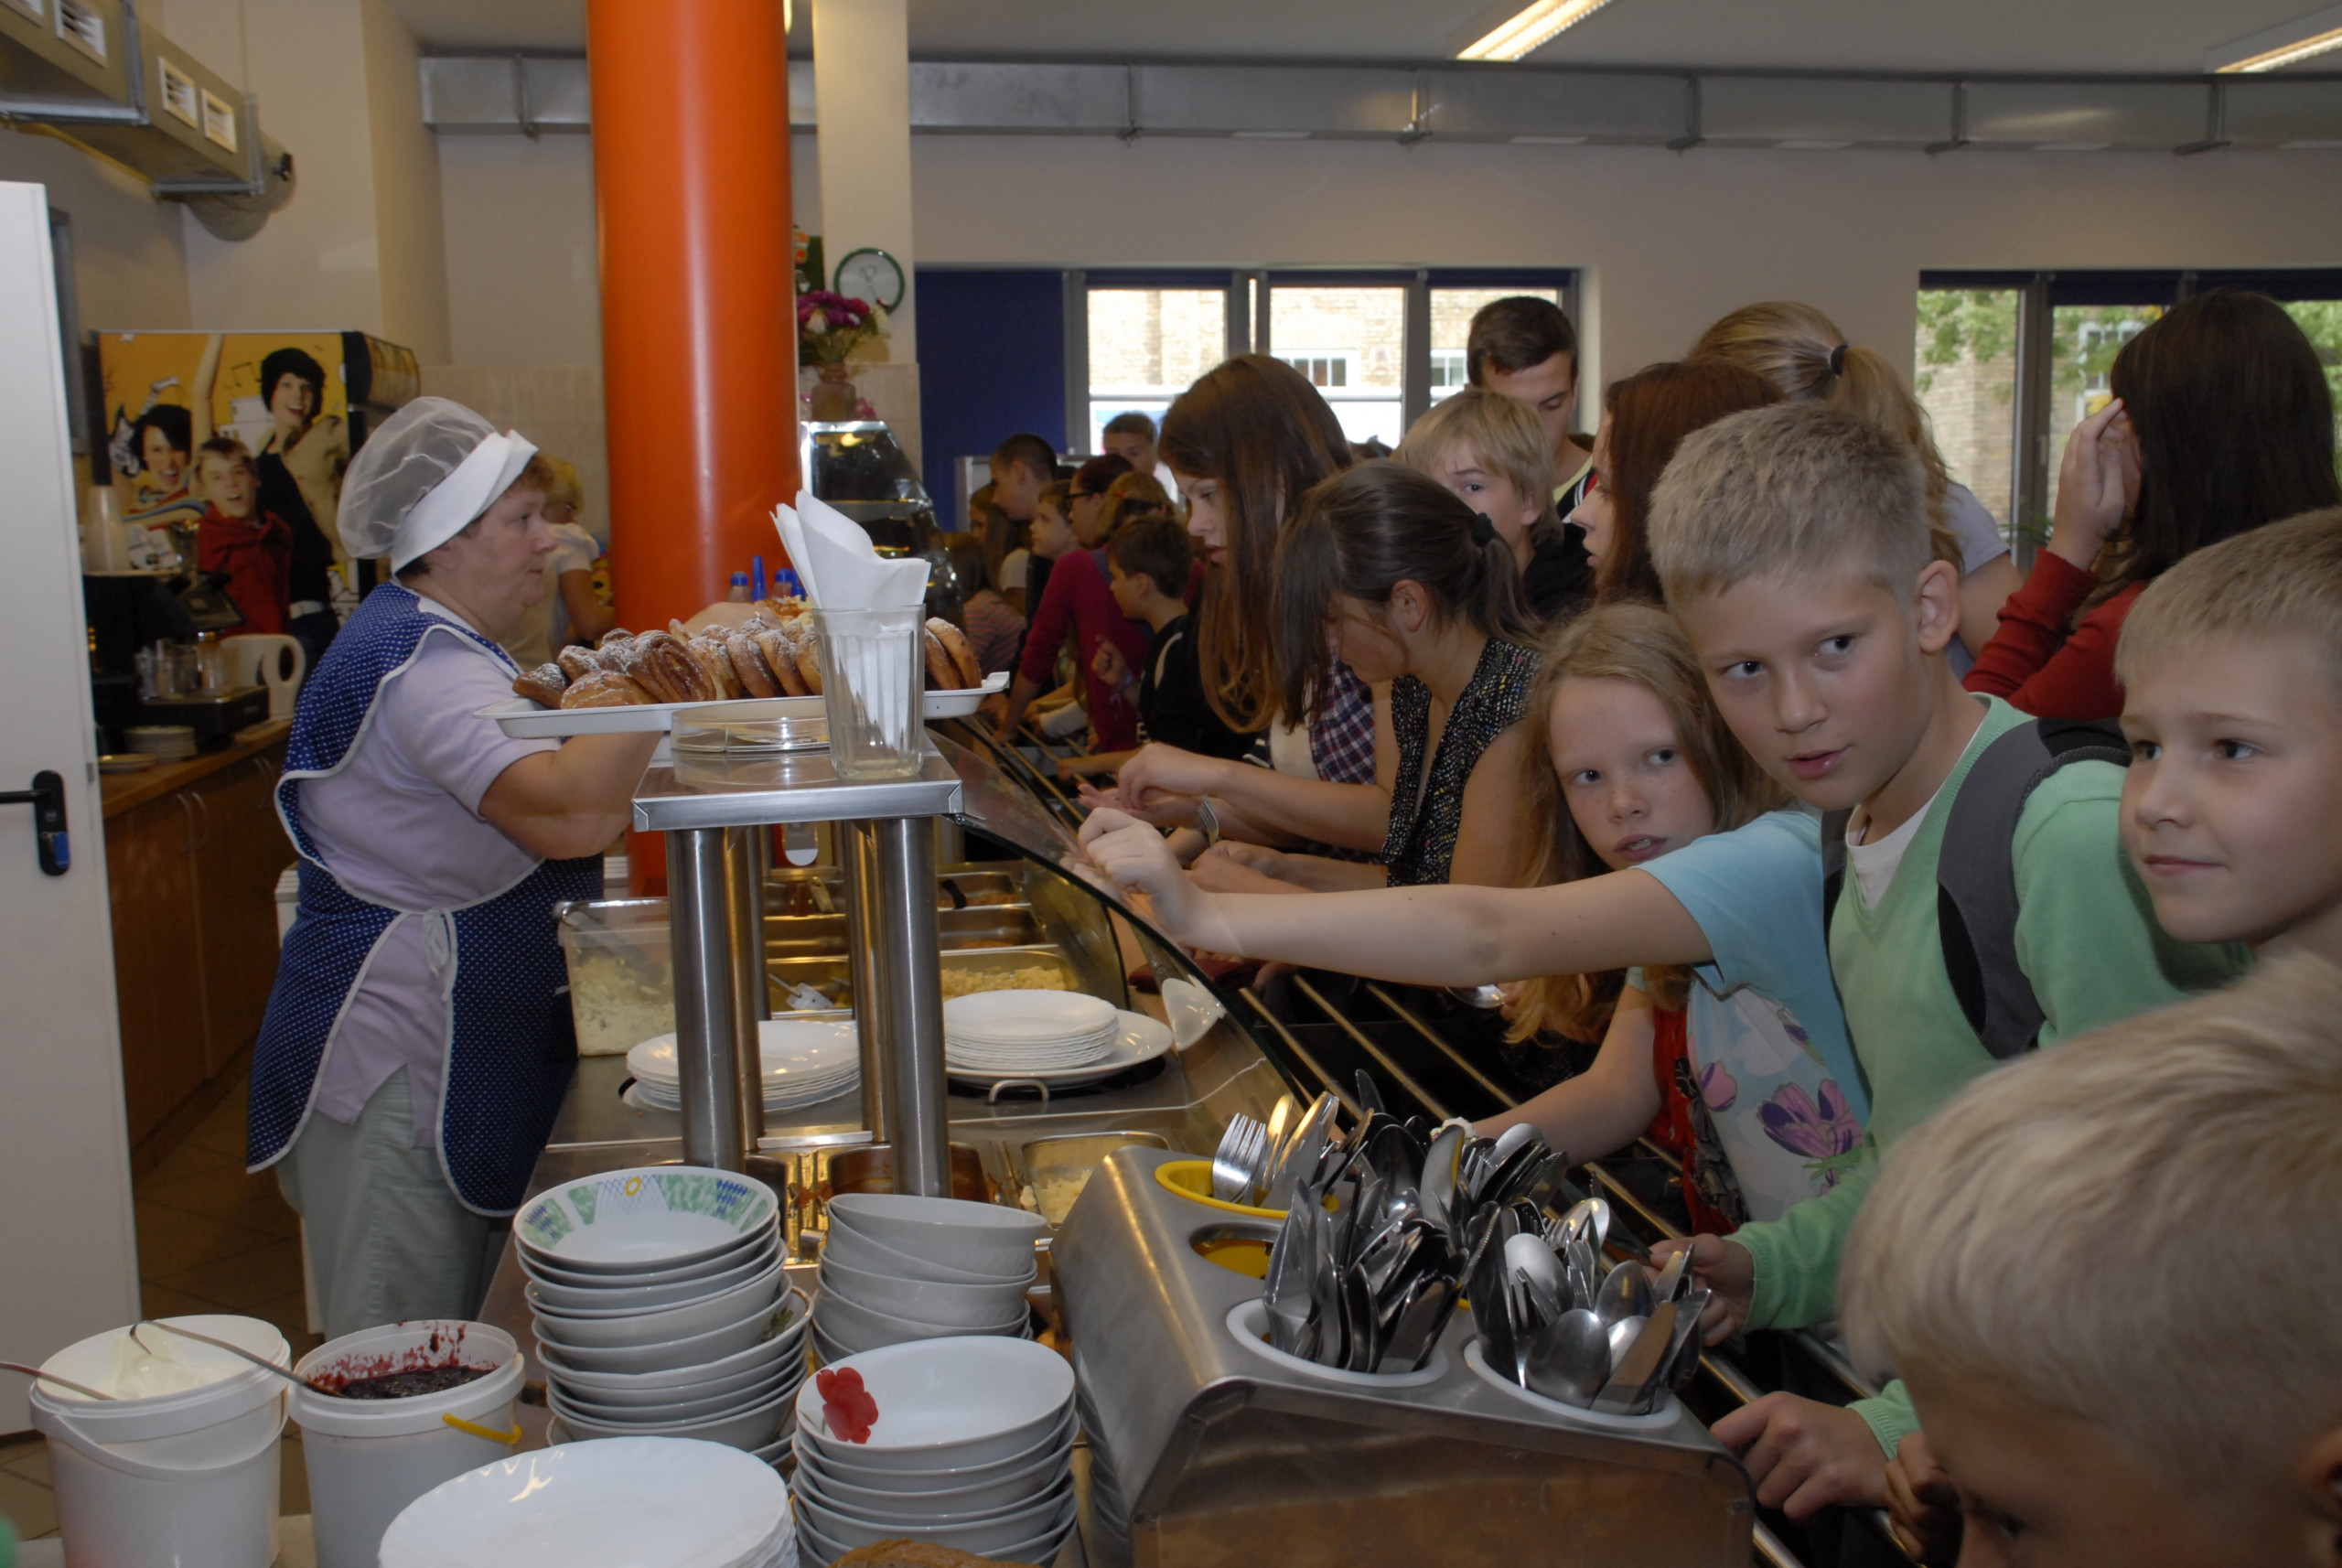 Palielina pašvaldības līdzfinansējumu skolēnu komplekso pusdienu apmaksai